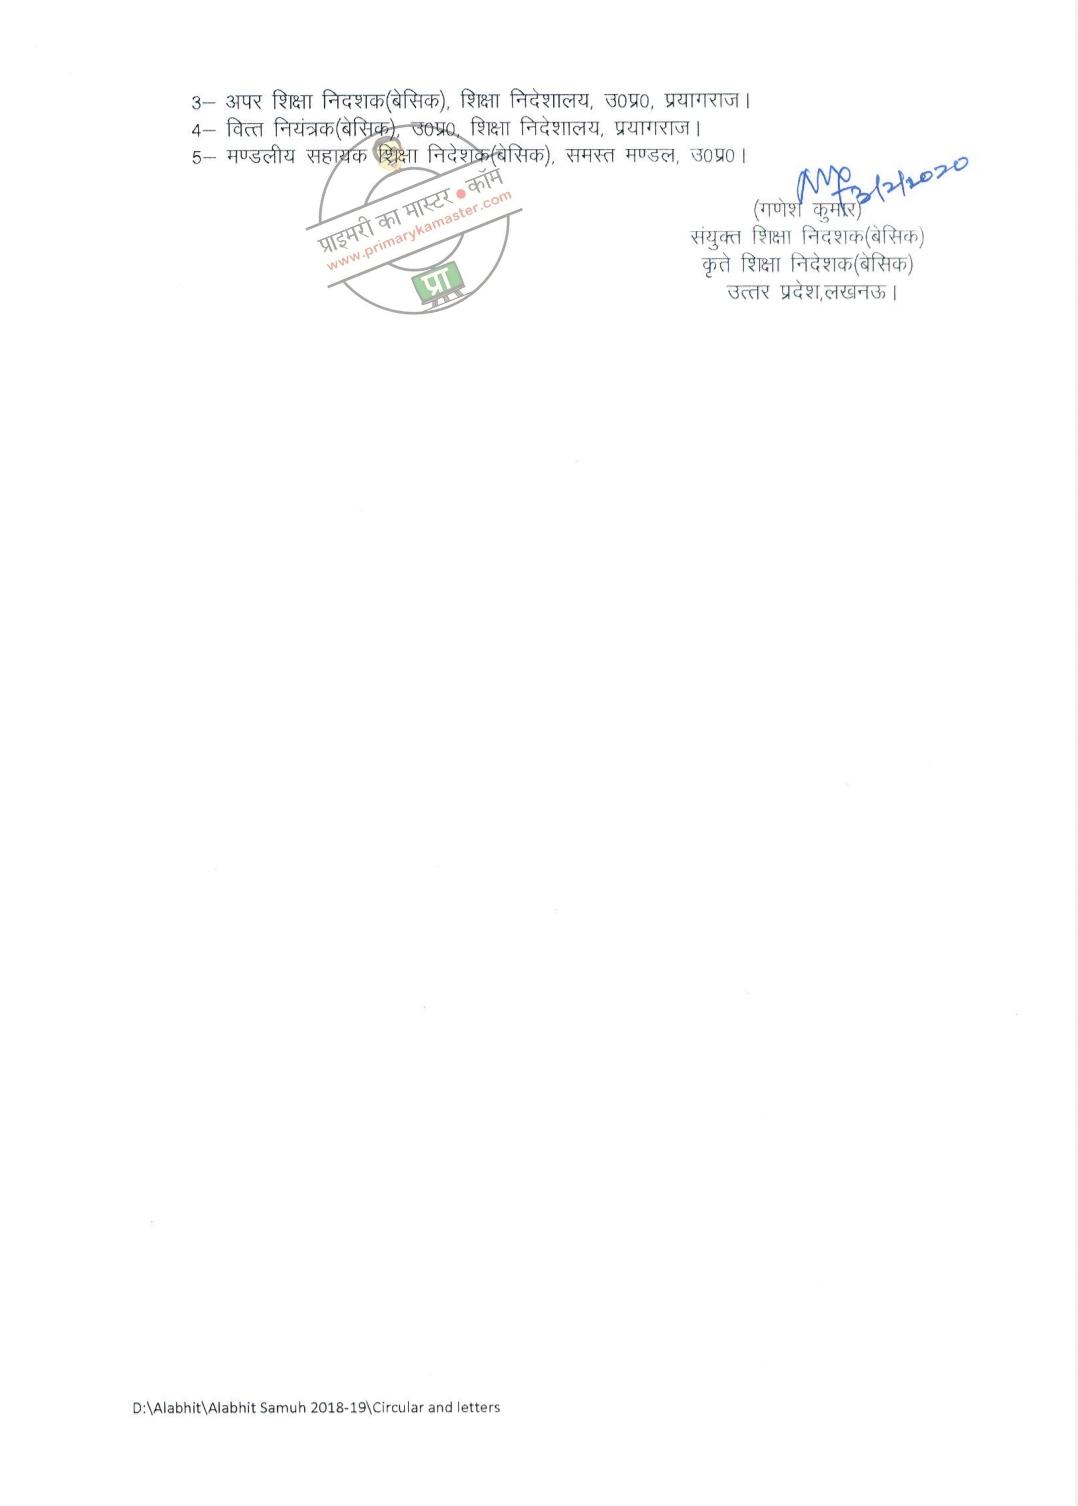 धनराशि की सूचना न देने वाले 14 बीएसए से स्पष्टीकरण तलब